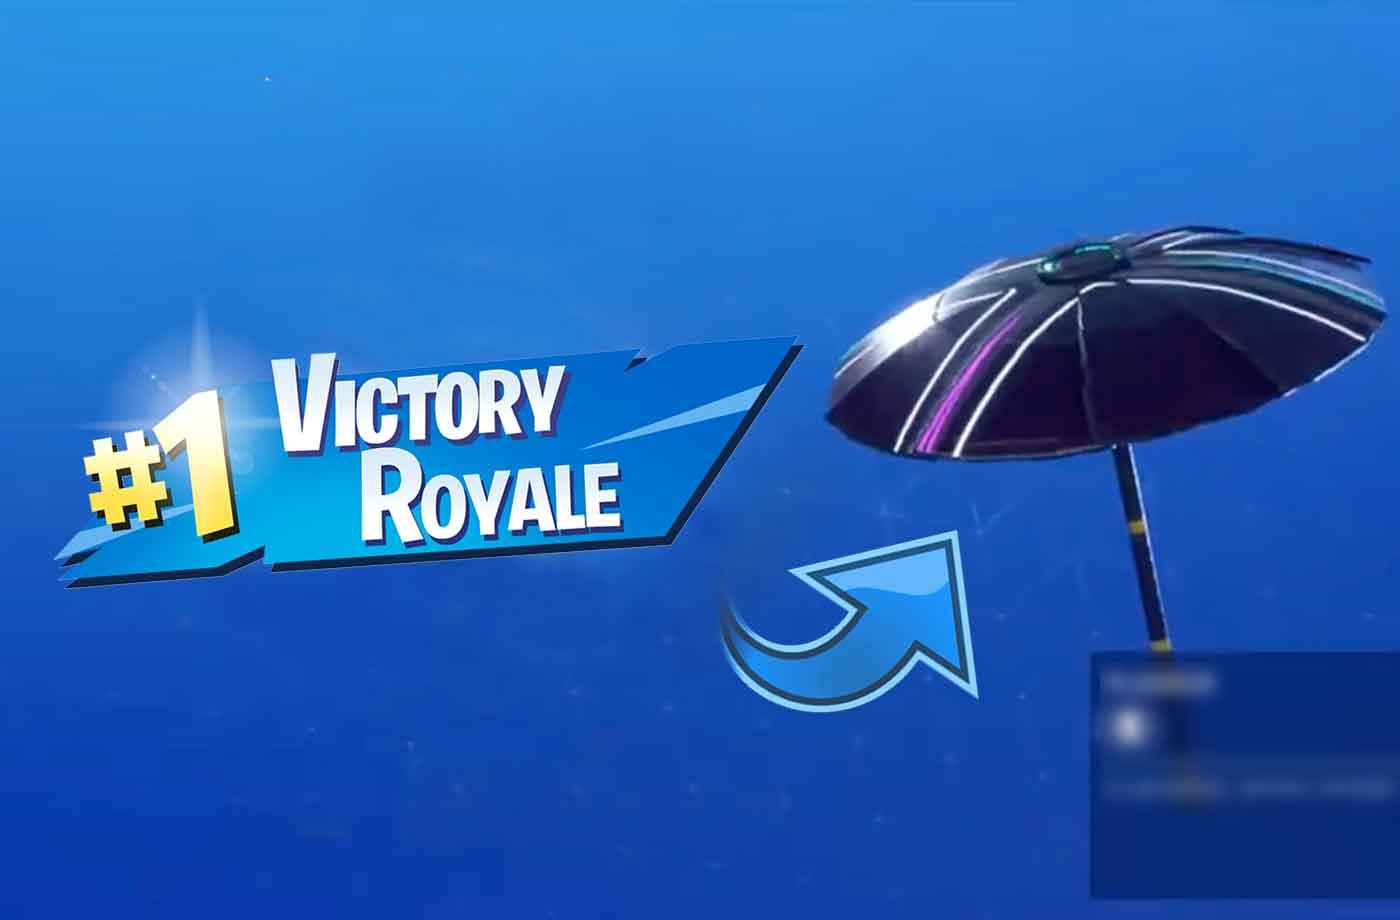 Fortnite Season 10 New Umbrella Glider X Victory Royale